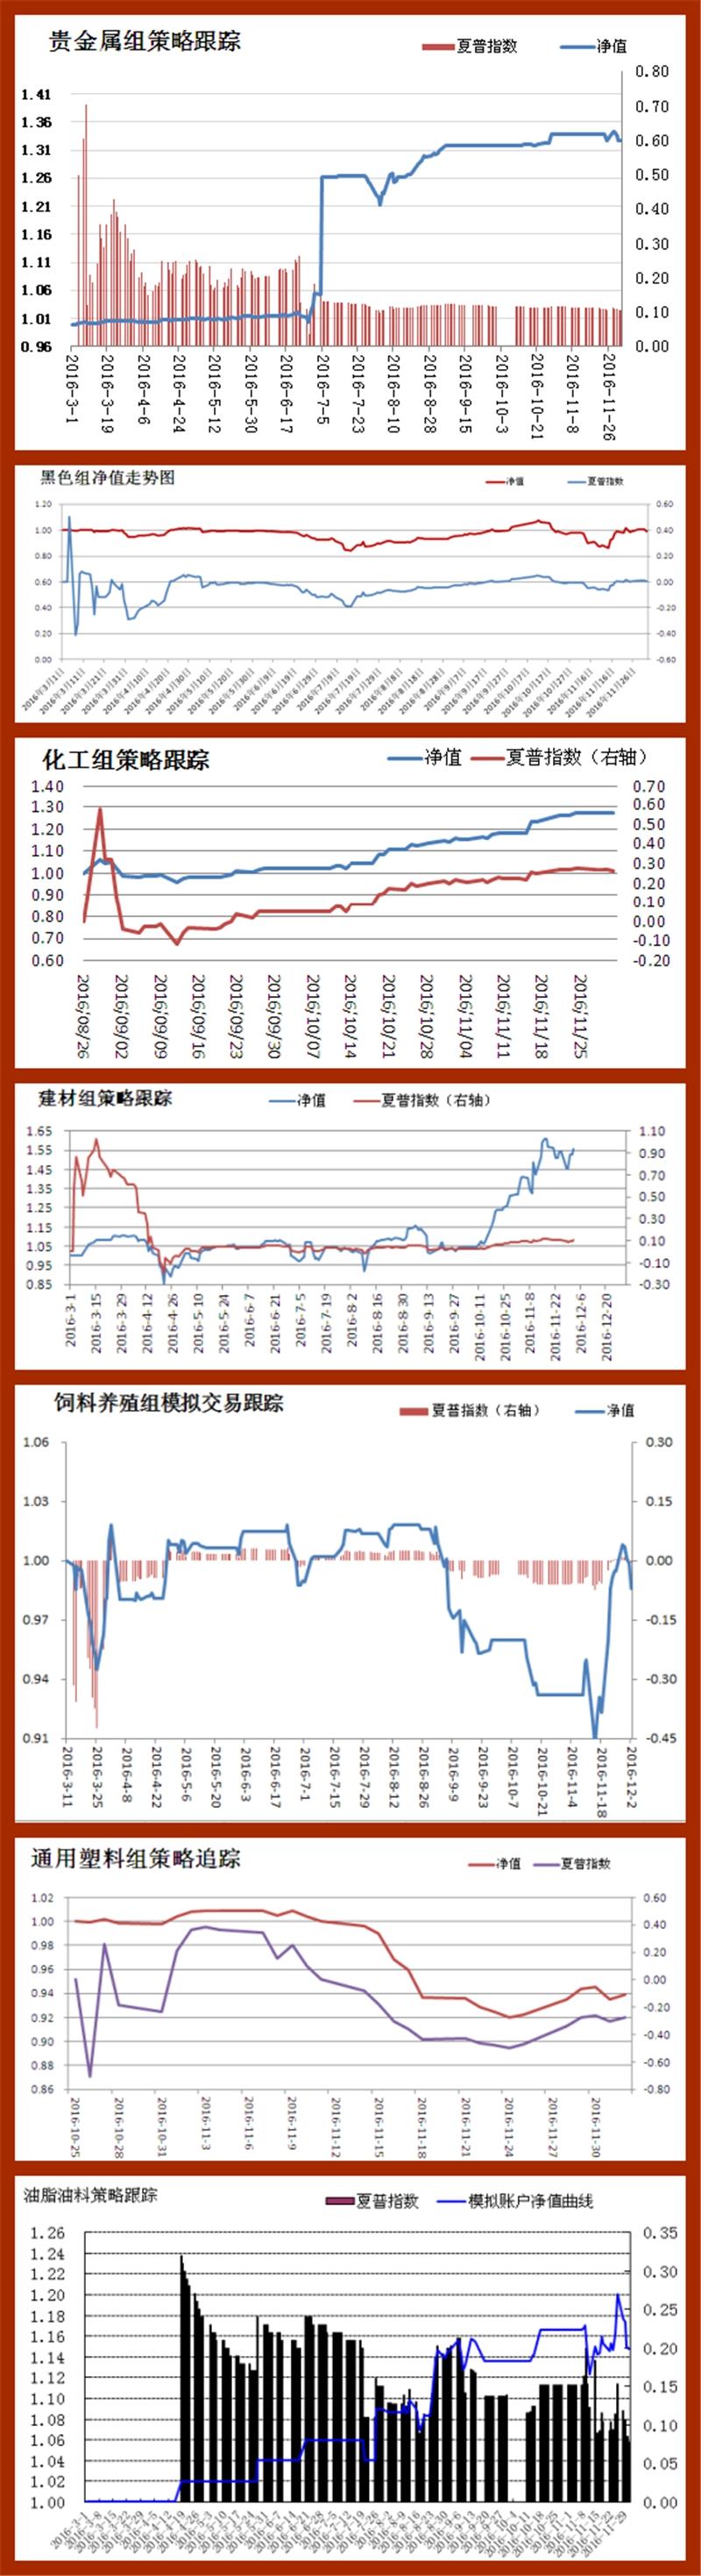 招金期货研究员模拟交易策略汇总(2016.12.02)